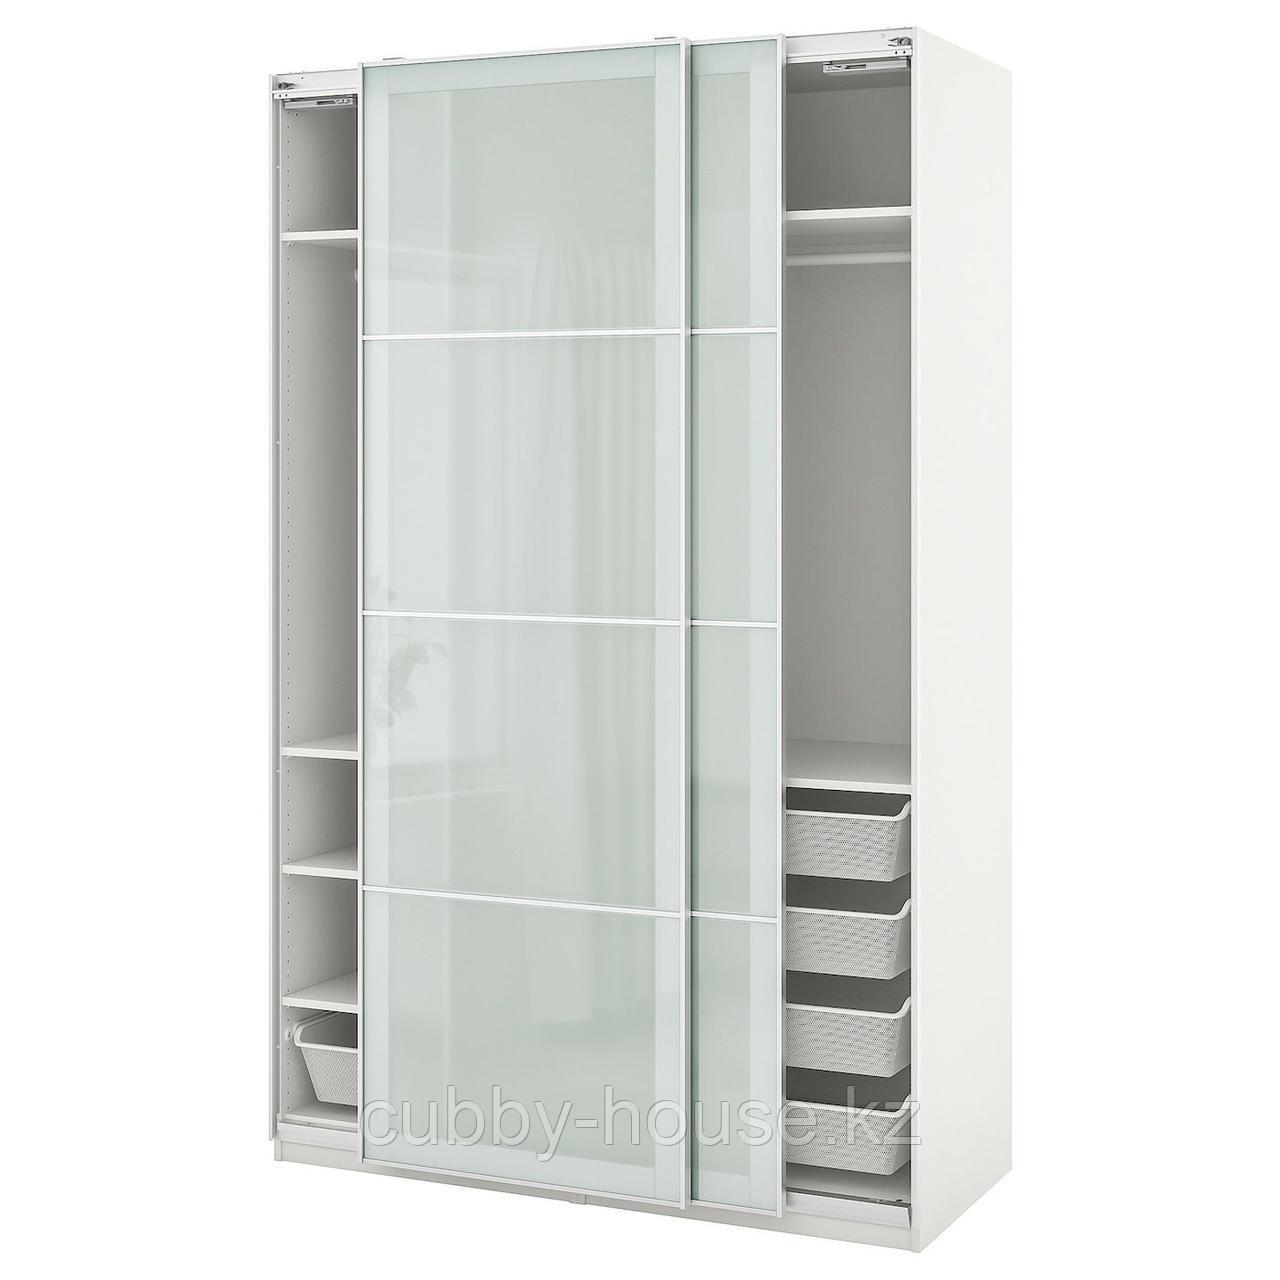 ПАКС / СЭККЕН Гардероб, комбинация, белый, матовое стекло, 150x66x201 см